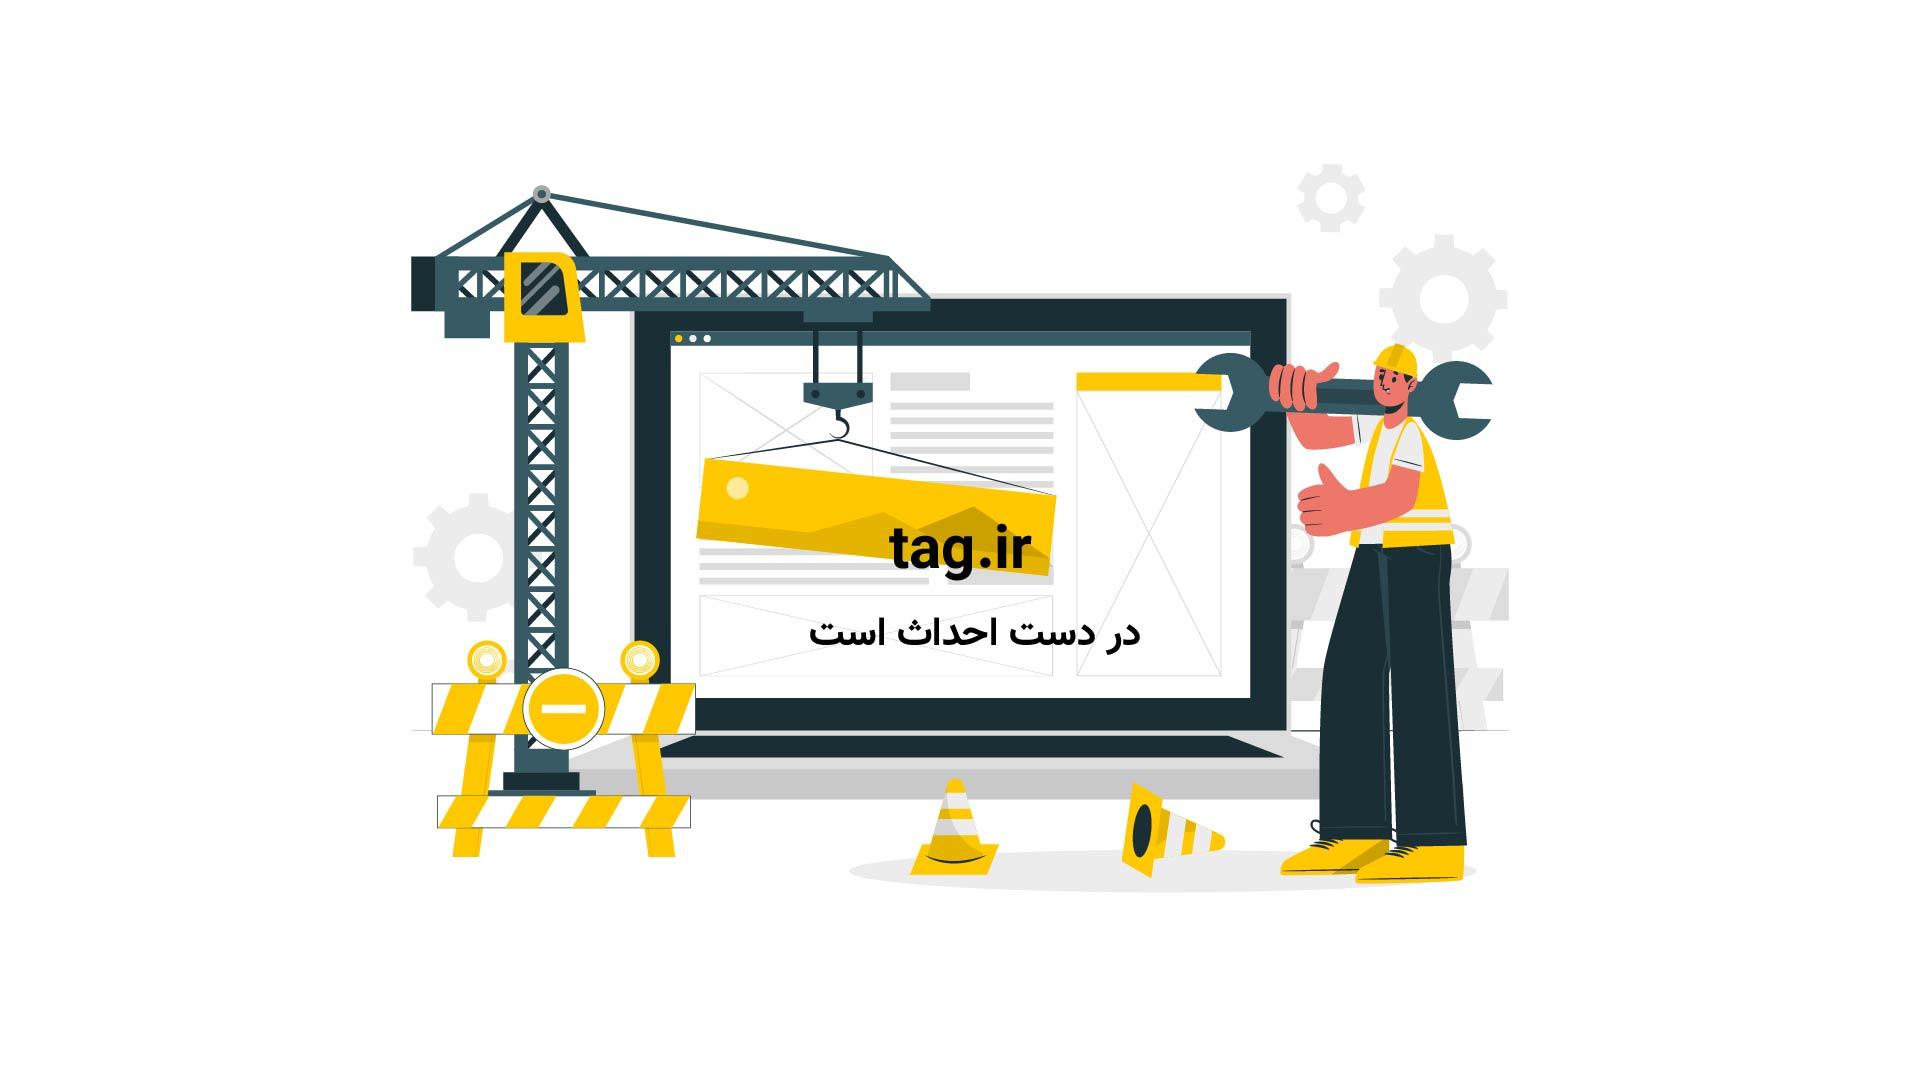 اوریگامی گوجه فرنگی | تگ